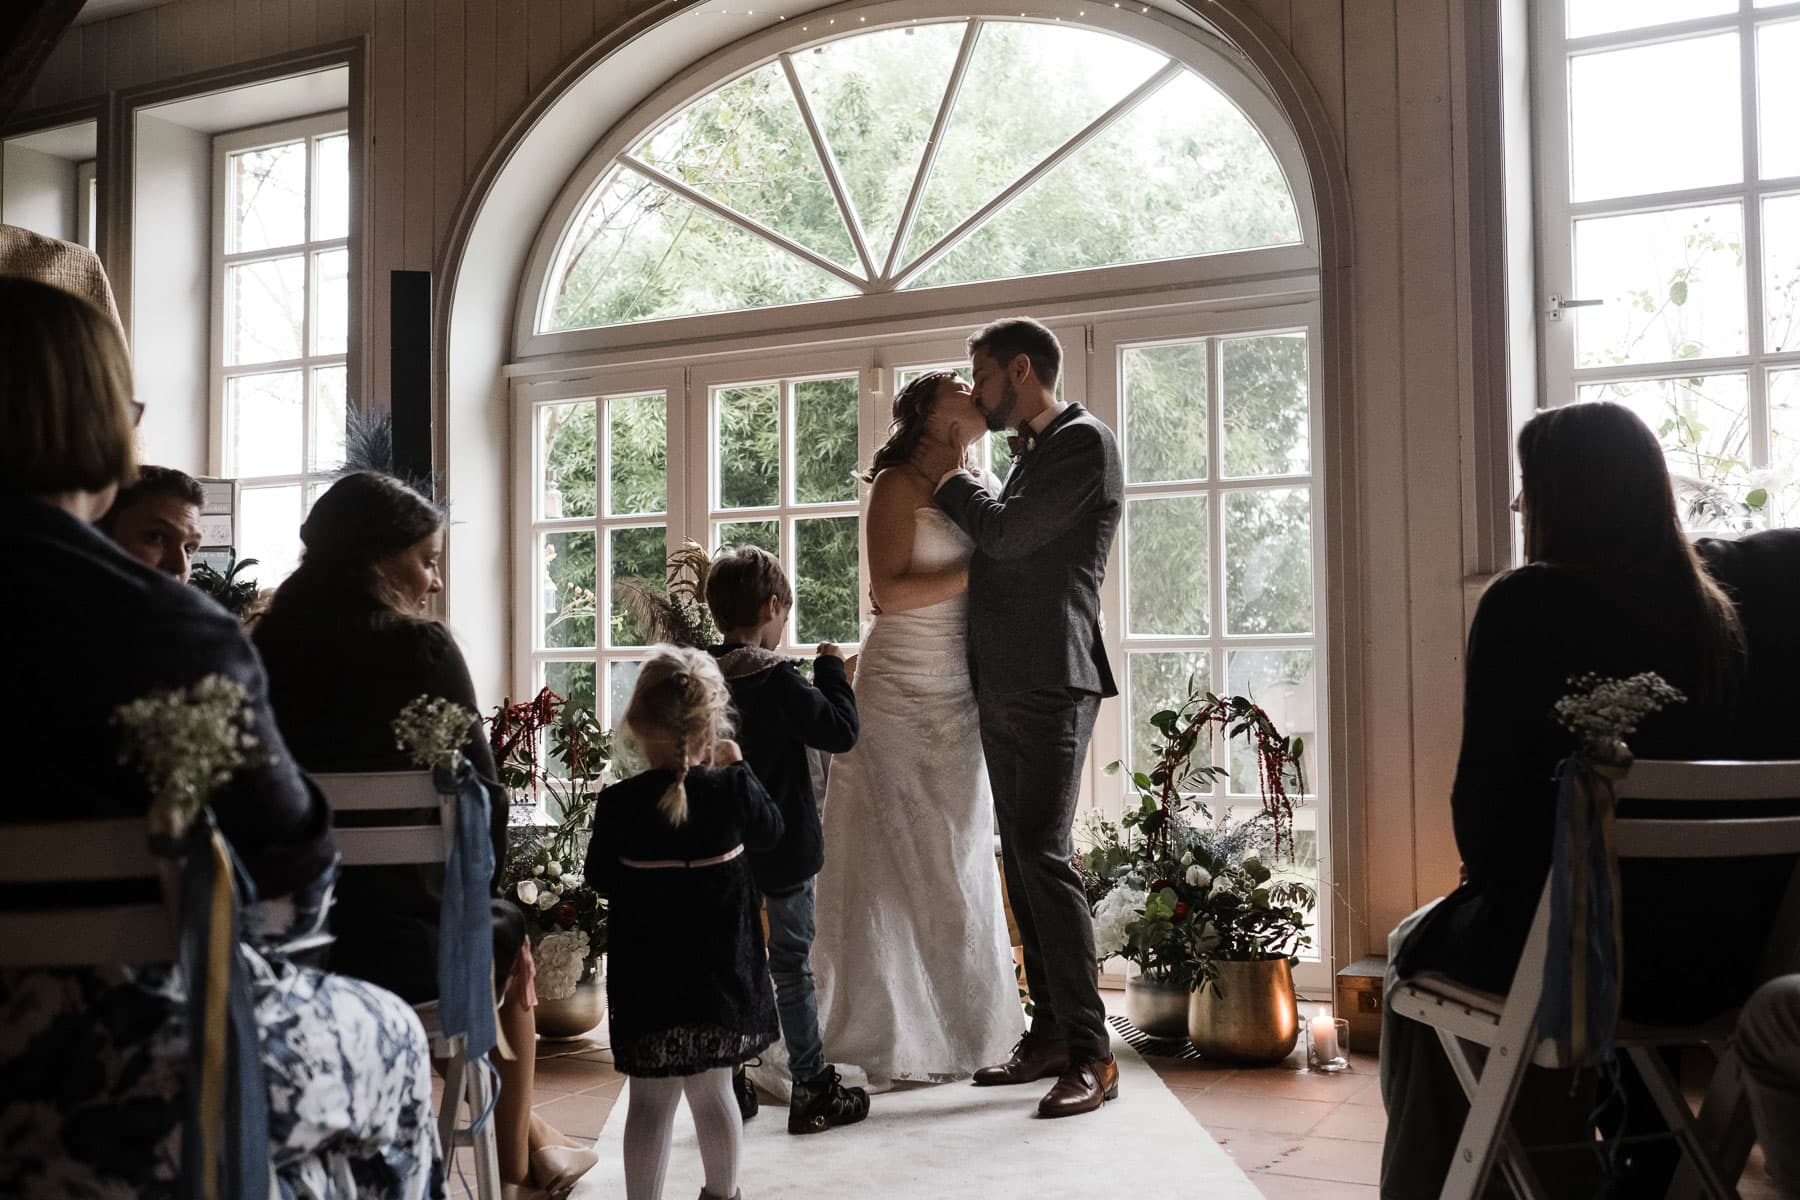 das Brautpar steht vor einer großen, helln Bogentür in einem Trauzimmer in einem Landhaus, sie küssen sich, um sie herum sitzen ihre Gäste auf weißen Holzklappstühlen